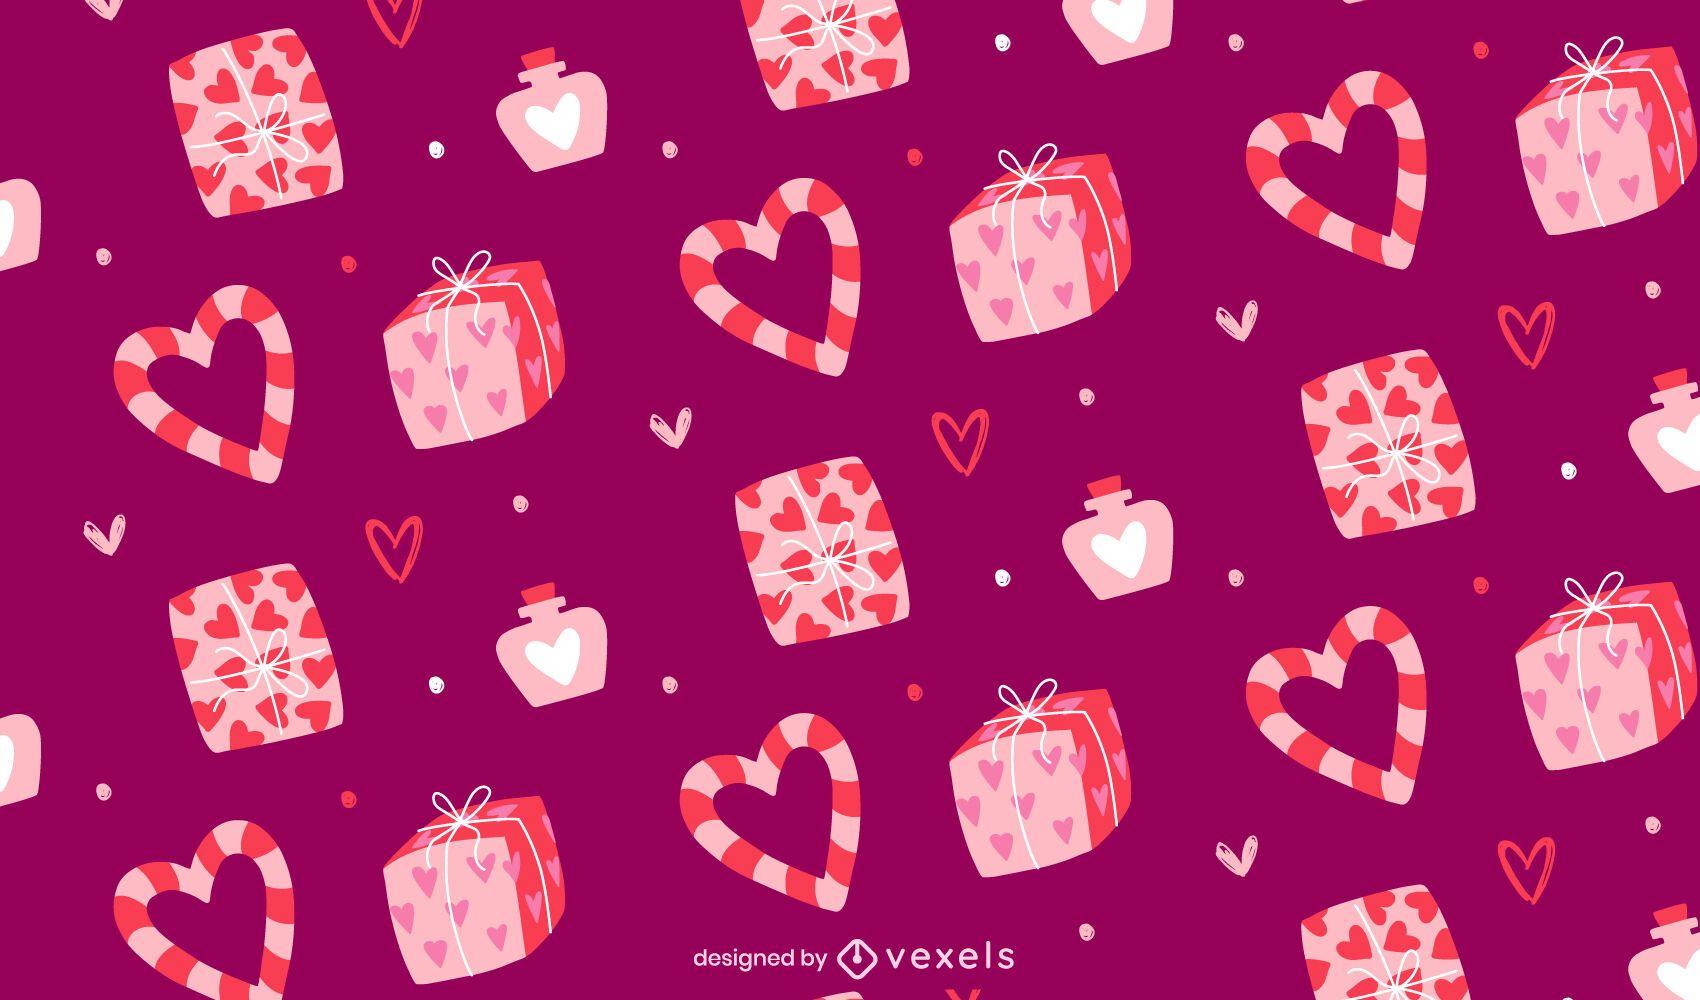 Valentine's day gifts pattern design